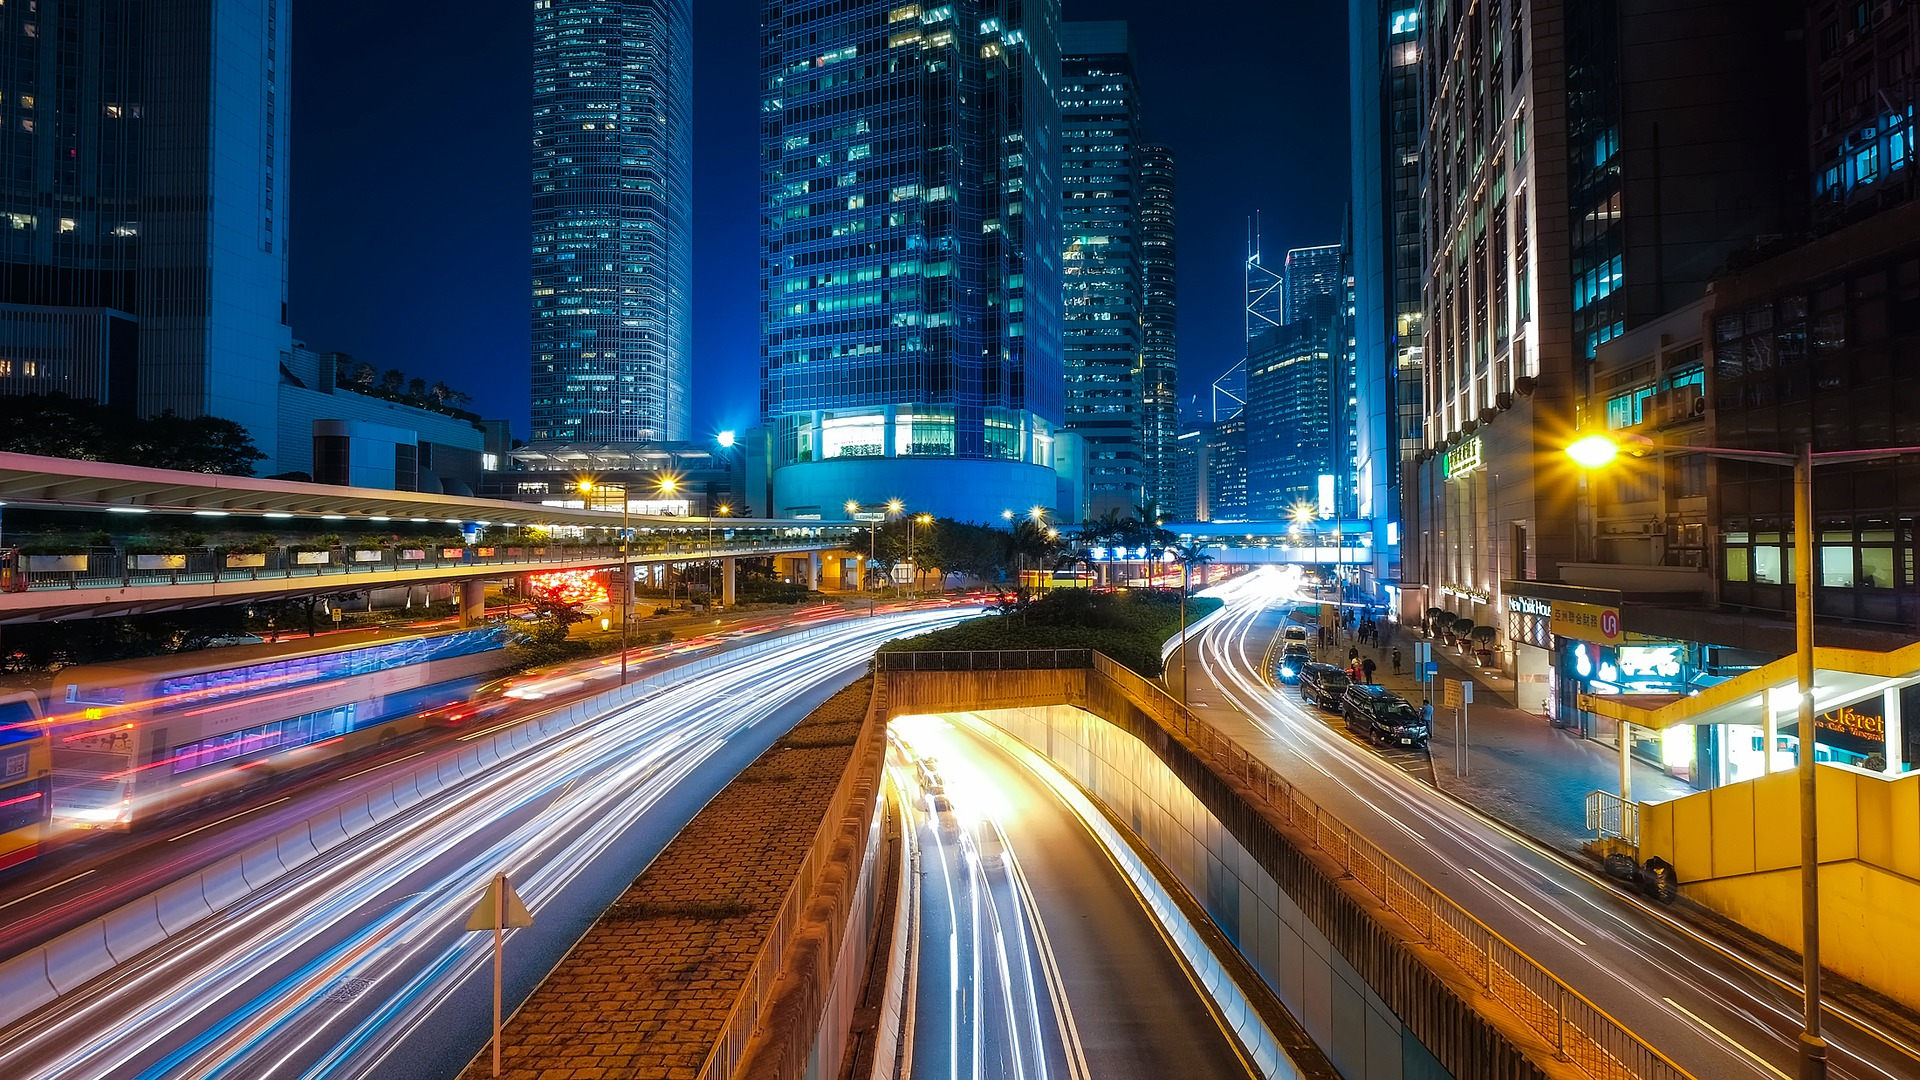 多省智慧灯杆建设标准和规范汇总分析